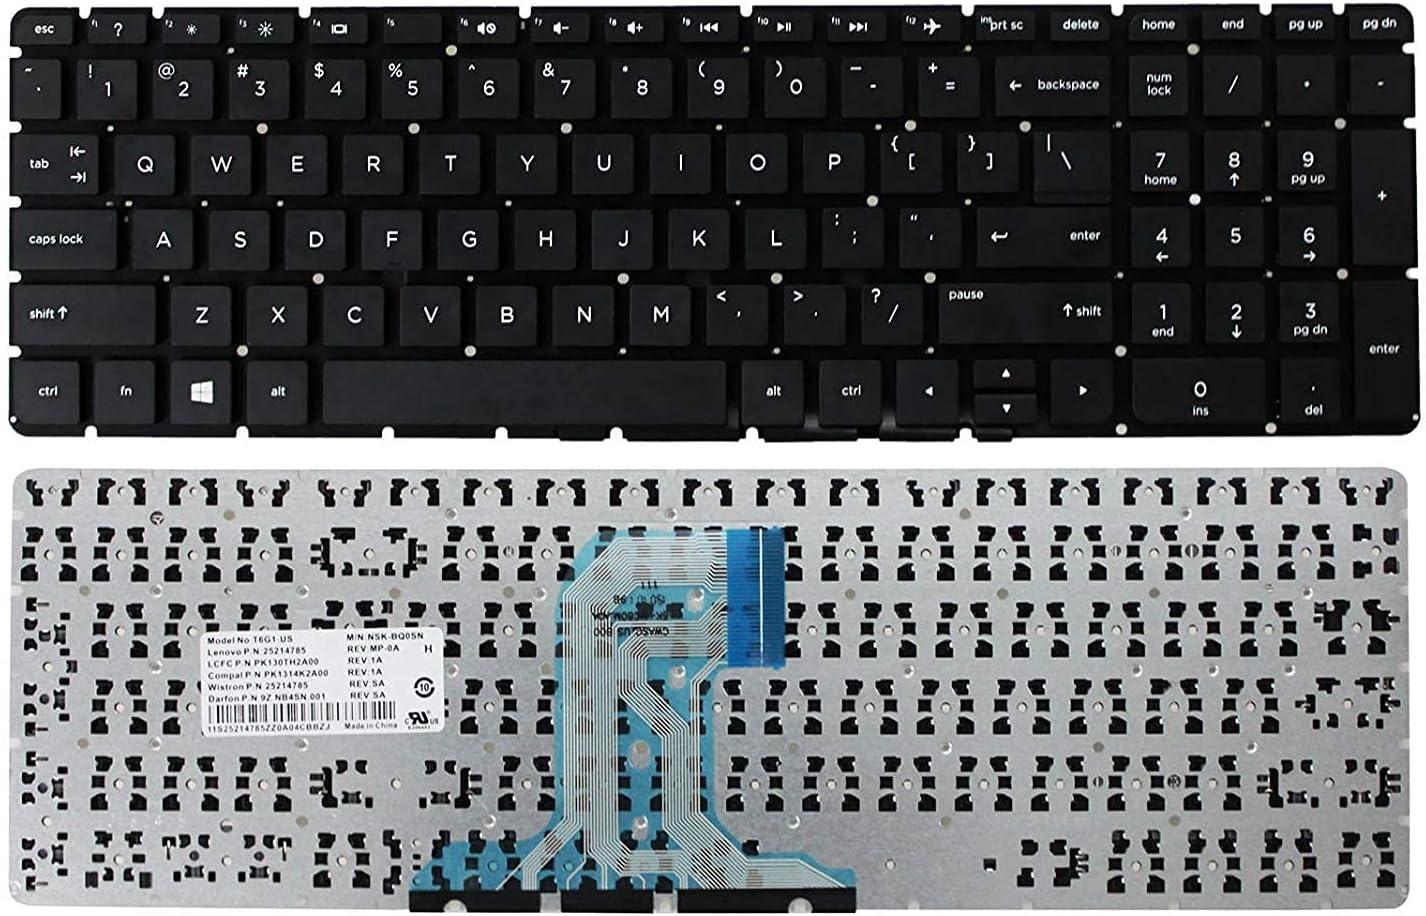 Ellenbogenorthese-LQ New Max 48% OFF US Black Keyboard Discount mail order Frame Laptop Without